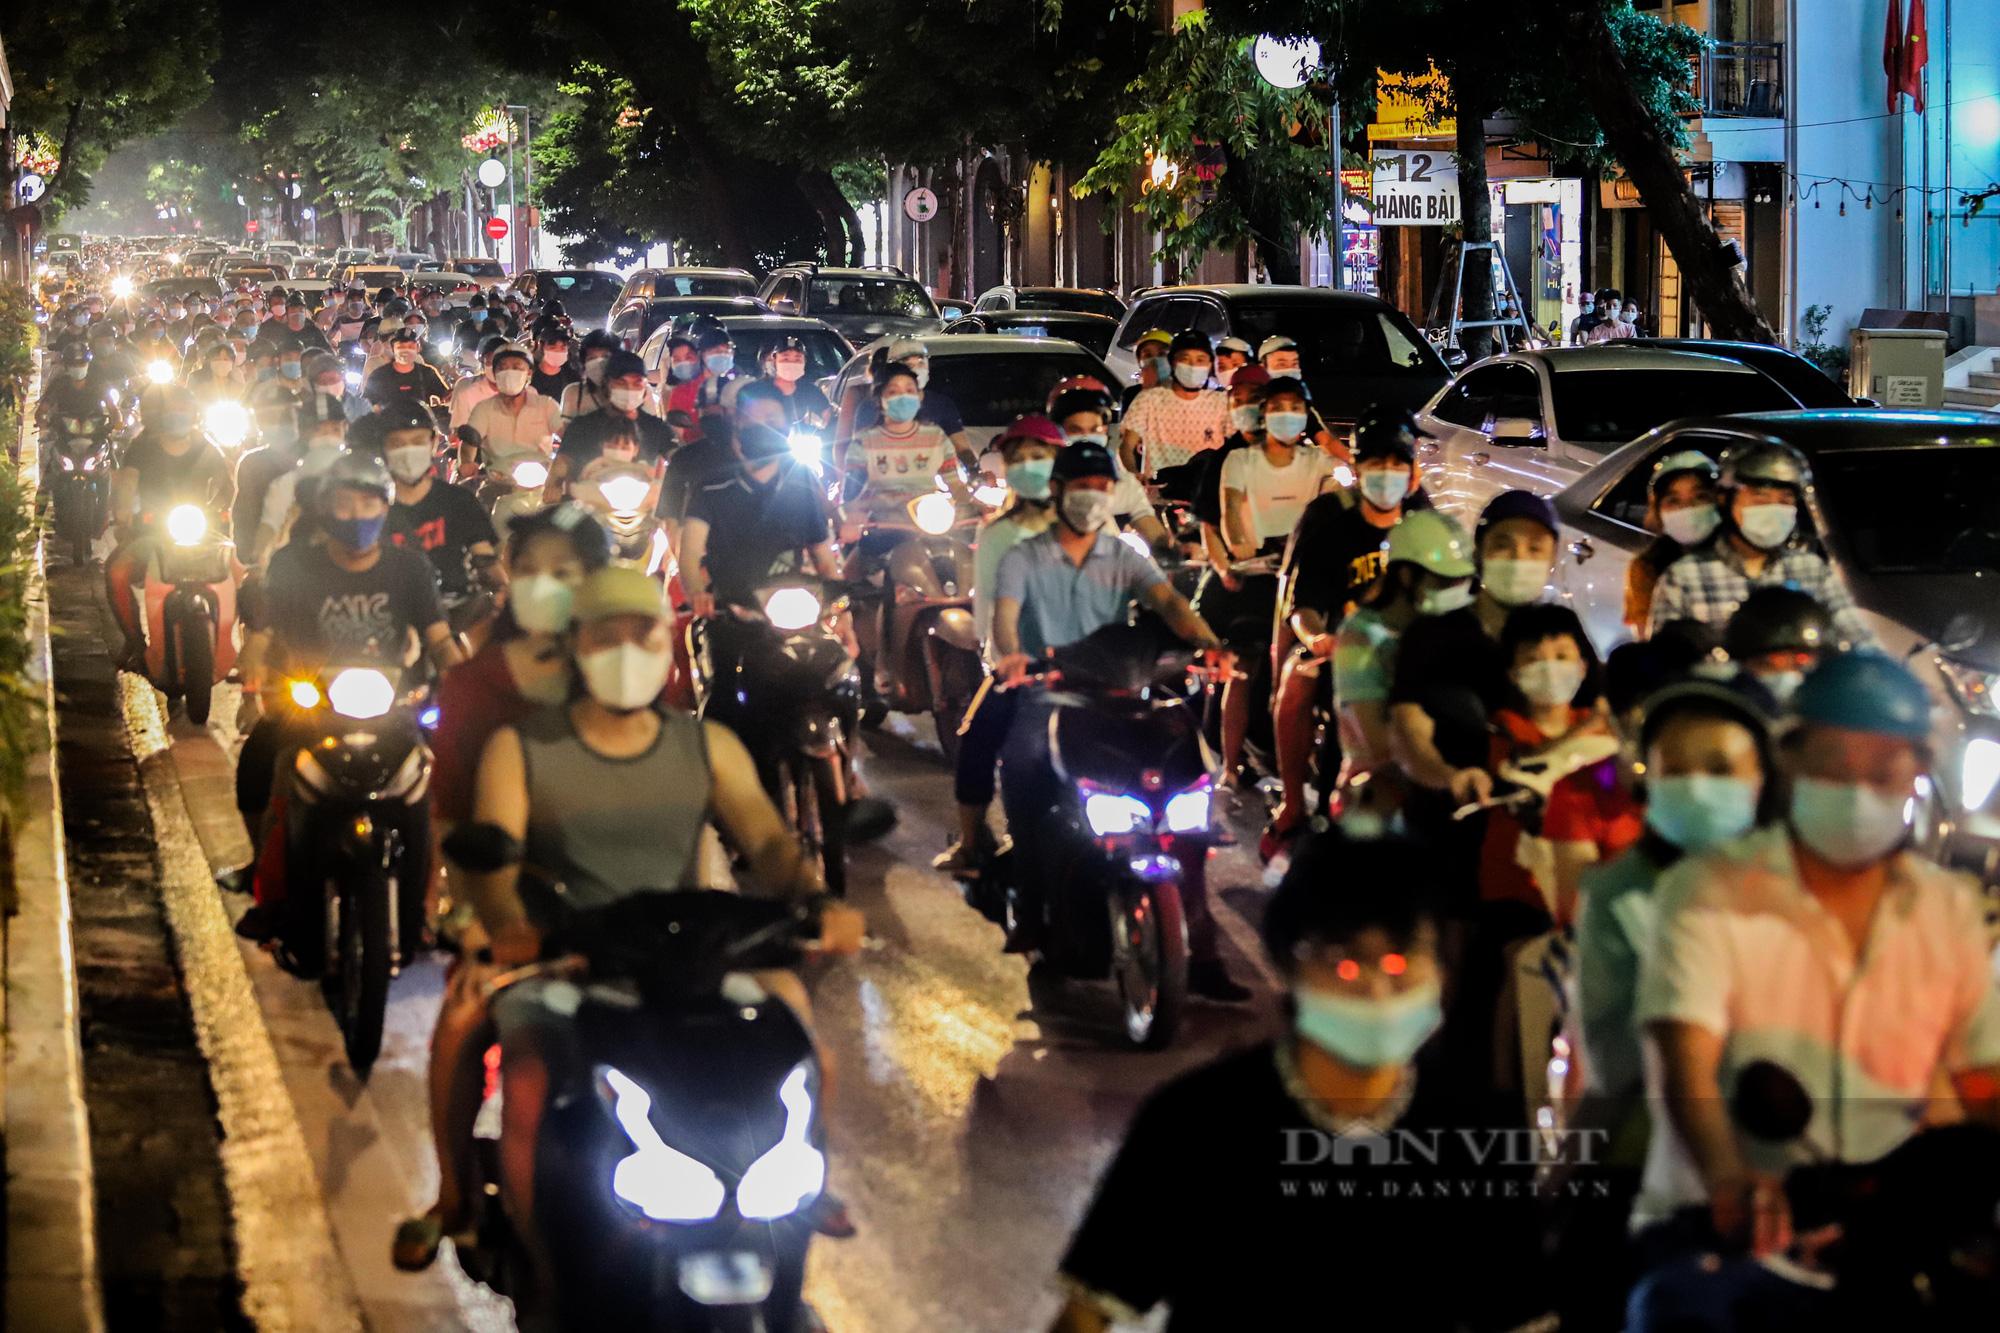 Hàng vạn người dân đổ ra đường chơi Trung sau khi nới lỏng giãn cách - Ảnh 1.